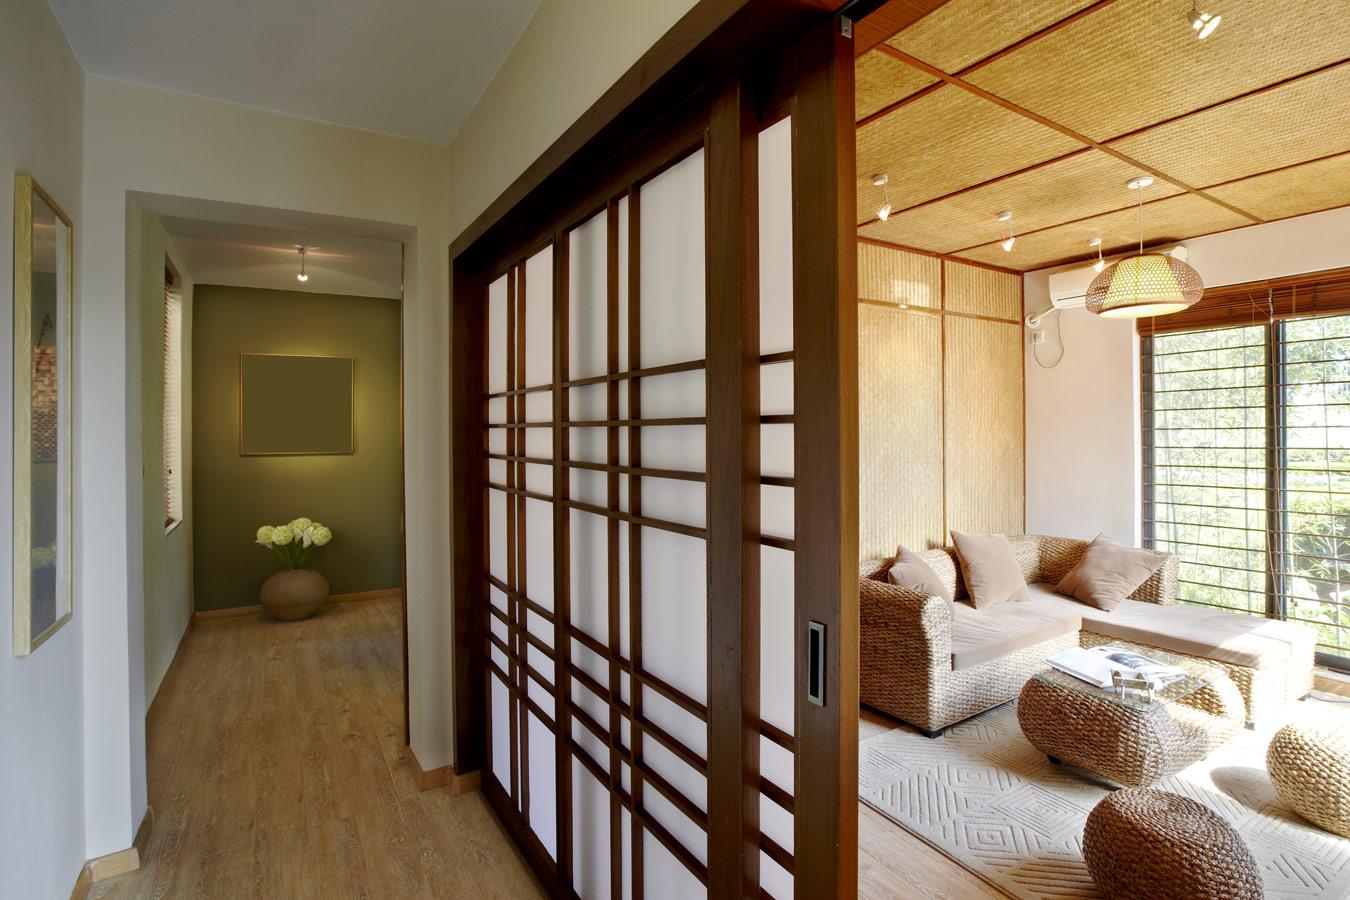 Interieurstijlen idee n inspiratie van elke interieurstijl - Kleur feng shui badkamer ...